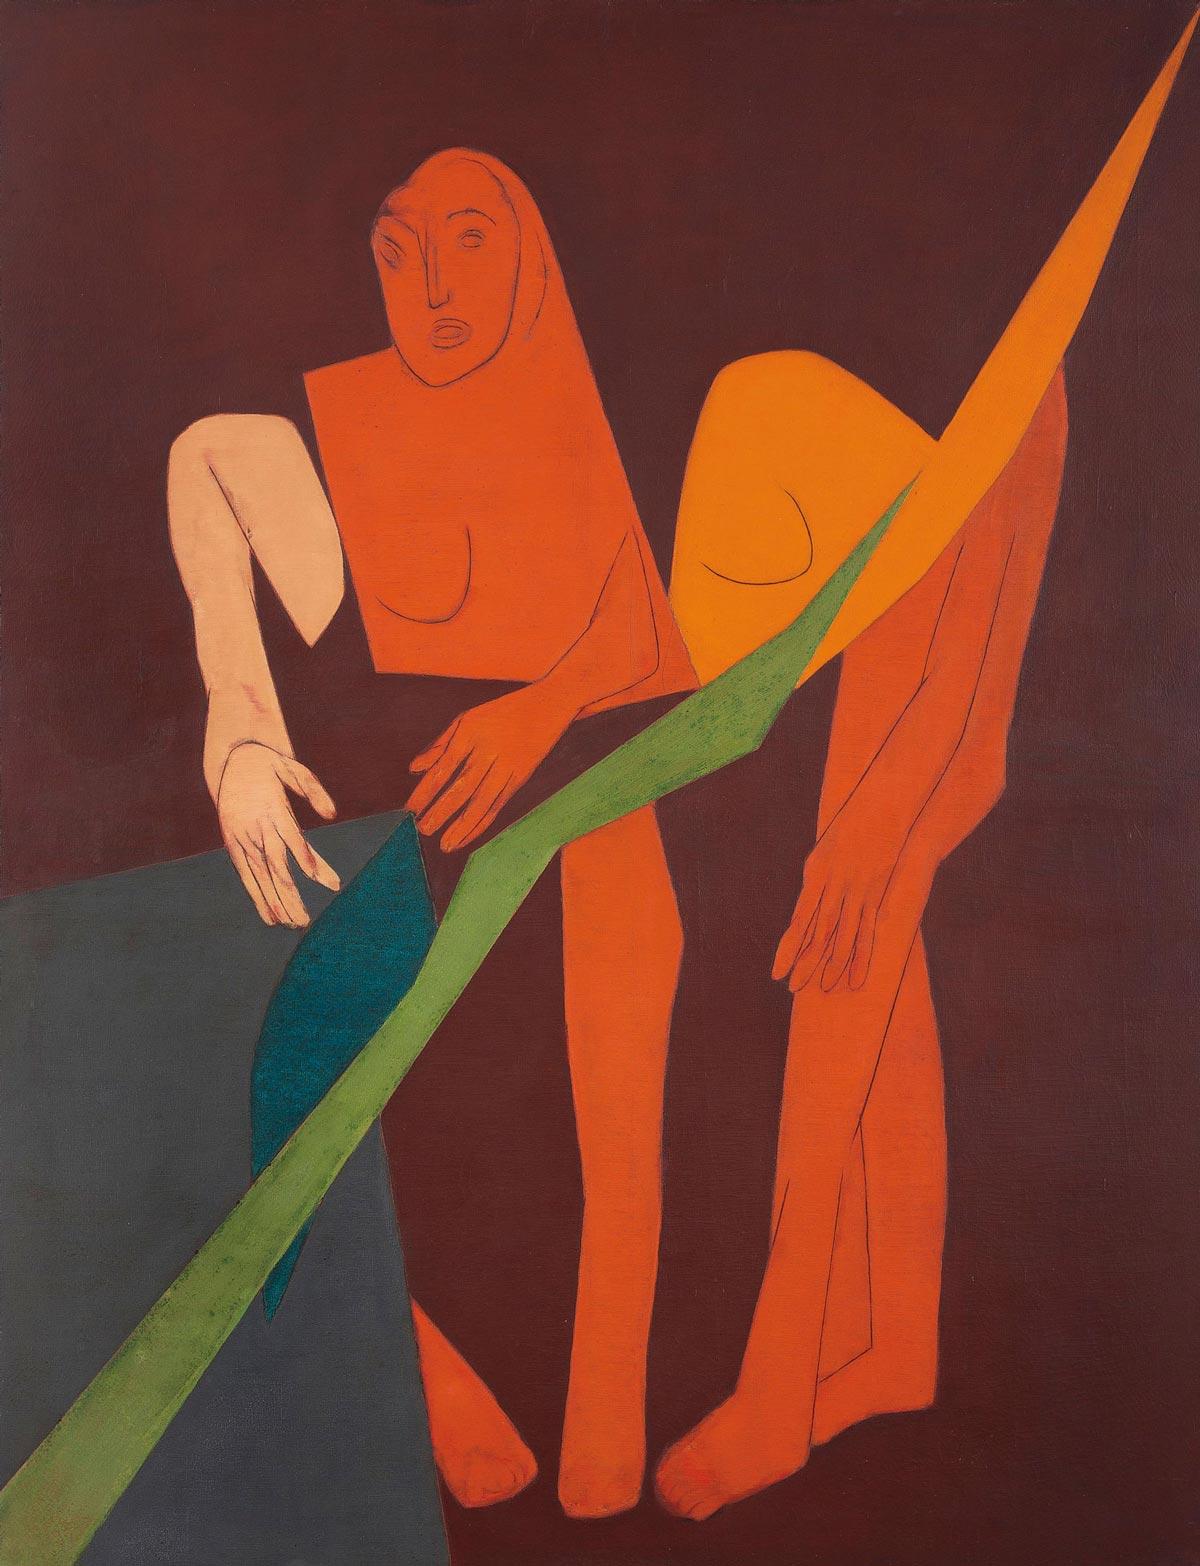 泰伯·梅塔(1925-2009年)《对角线XV》 油彩 画布,1975年作。成交价:1,392,500美元。此拍品于2018年9月12日在佳士得纽约南亚现代+当代艺术拍卖中呈献。